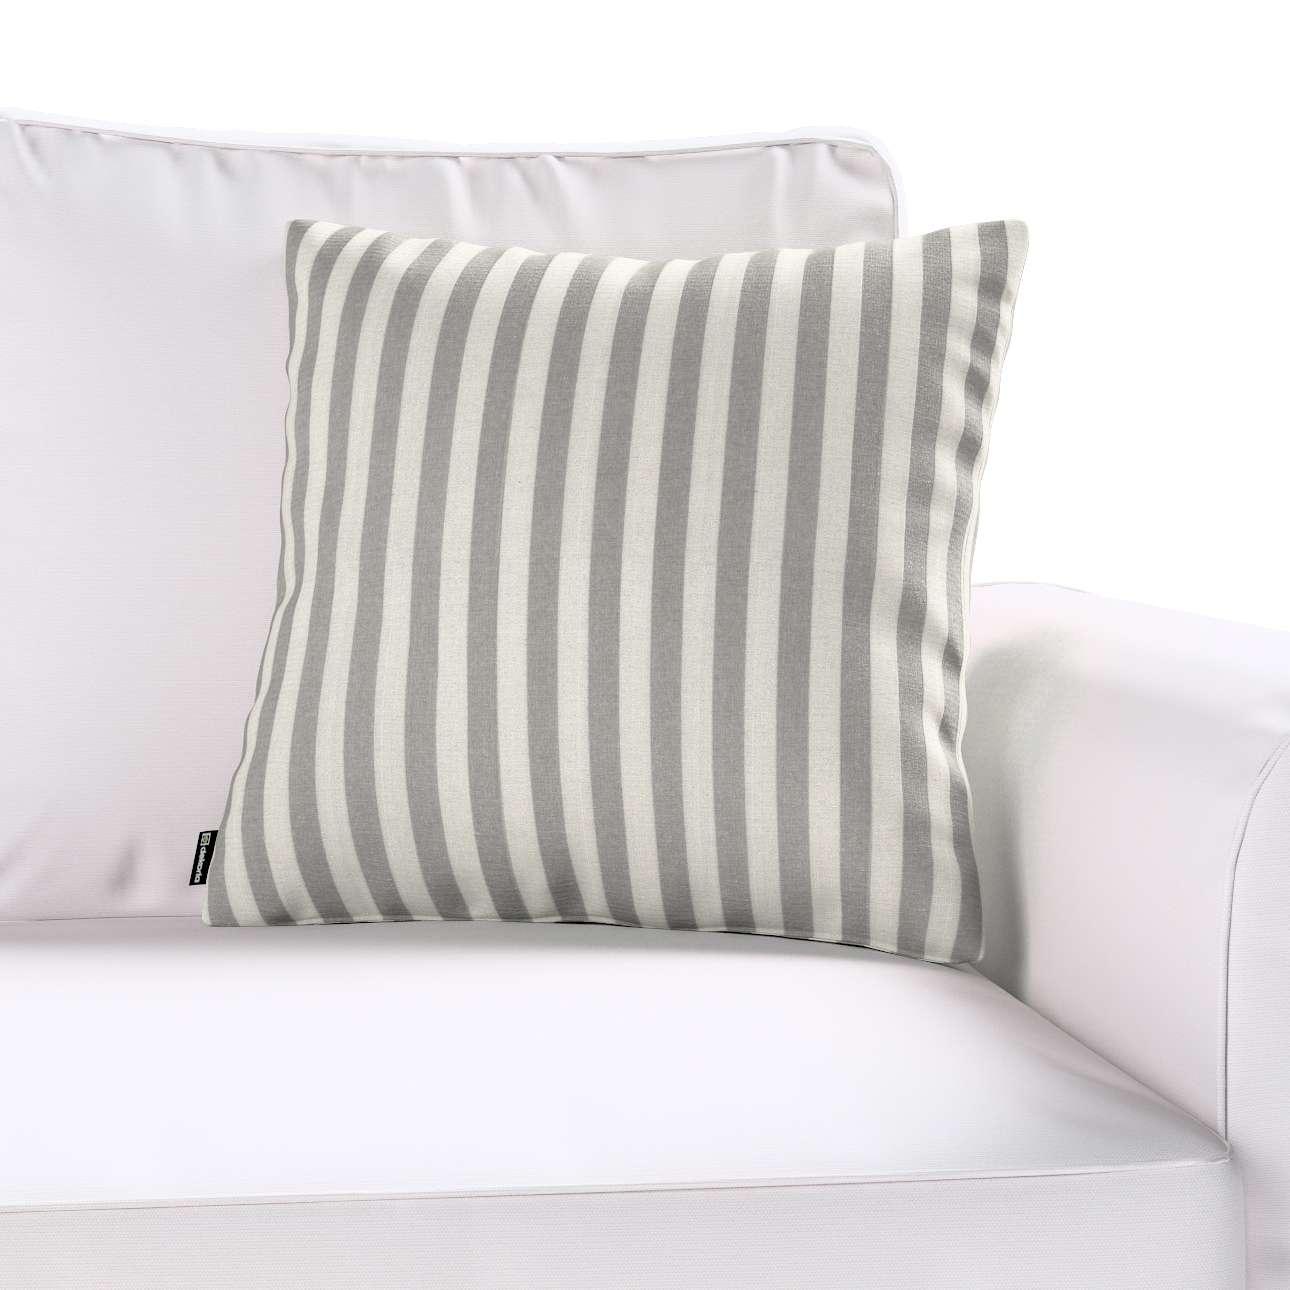 Poszewka Kinga na poduszkę 43 x 43 cm w kolekcji Quadro, tkanina: 136-12